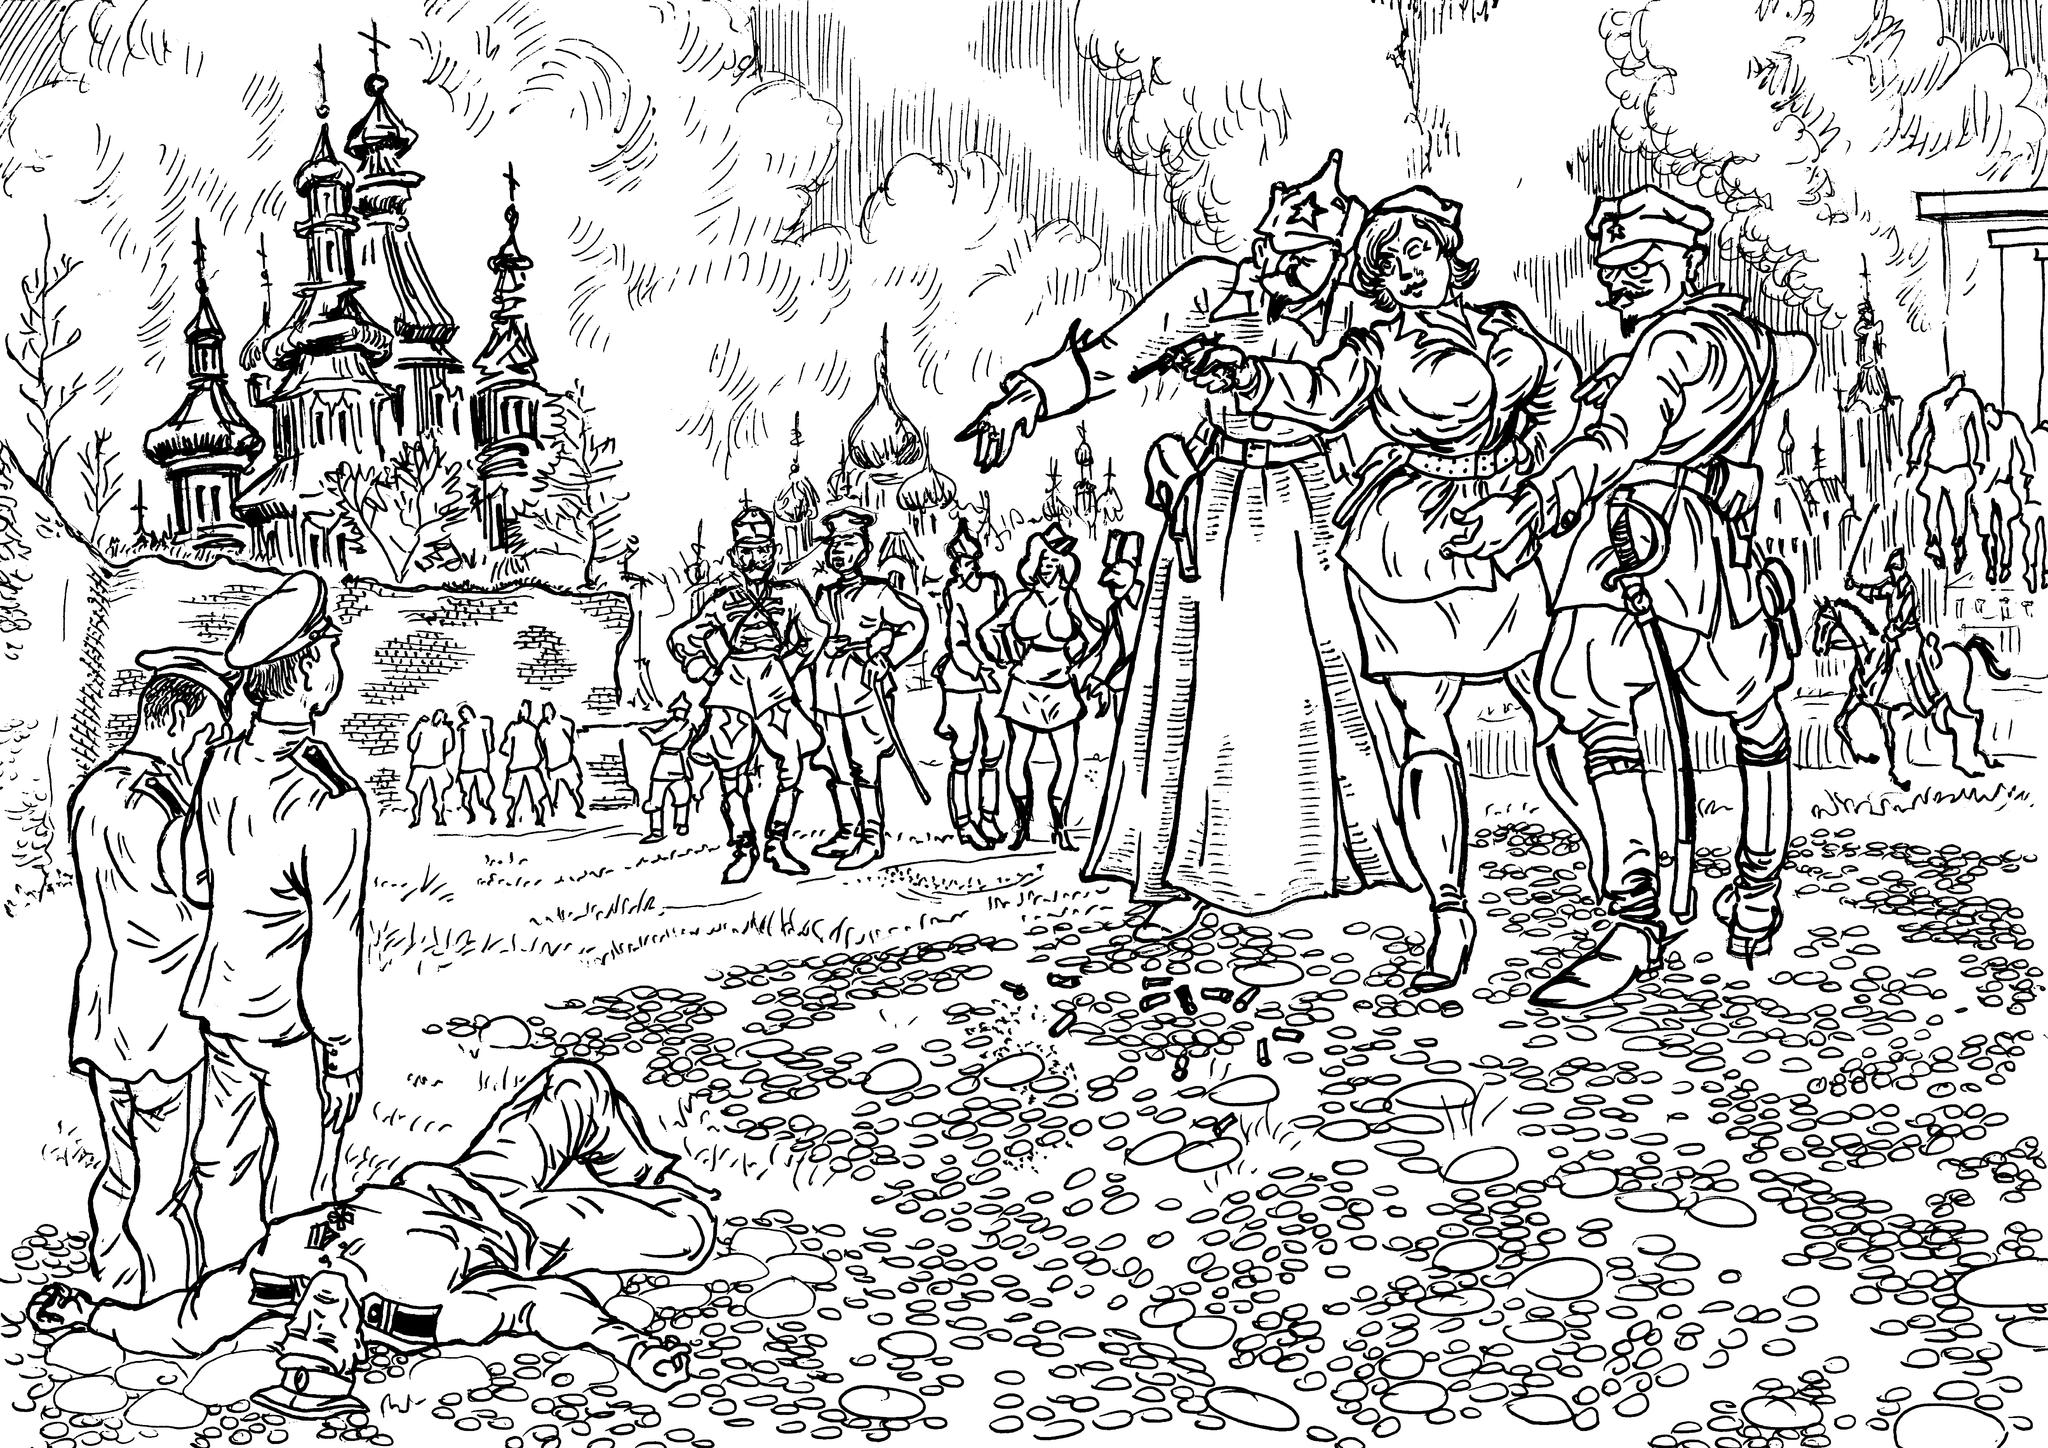 Комиссары мало ели и почти не спали: уничтожали дворян, купцов, офицеров, инженеров, крестьян, и специалистов